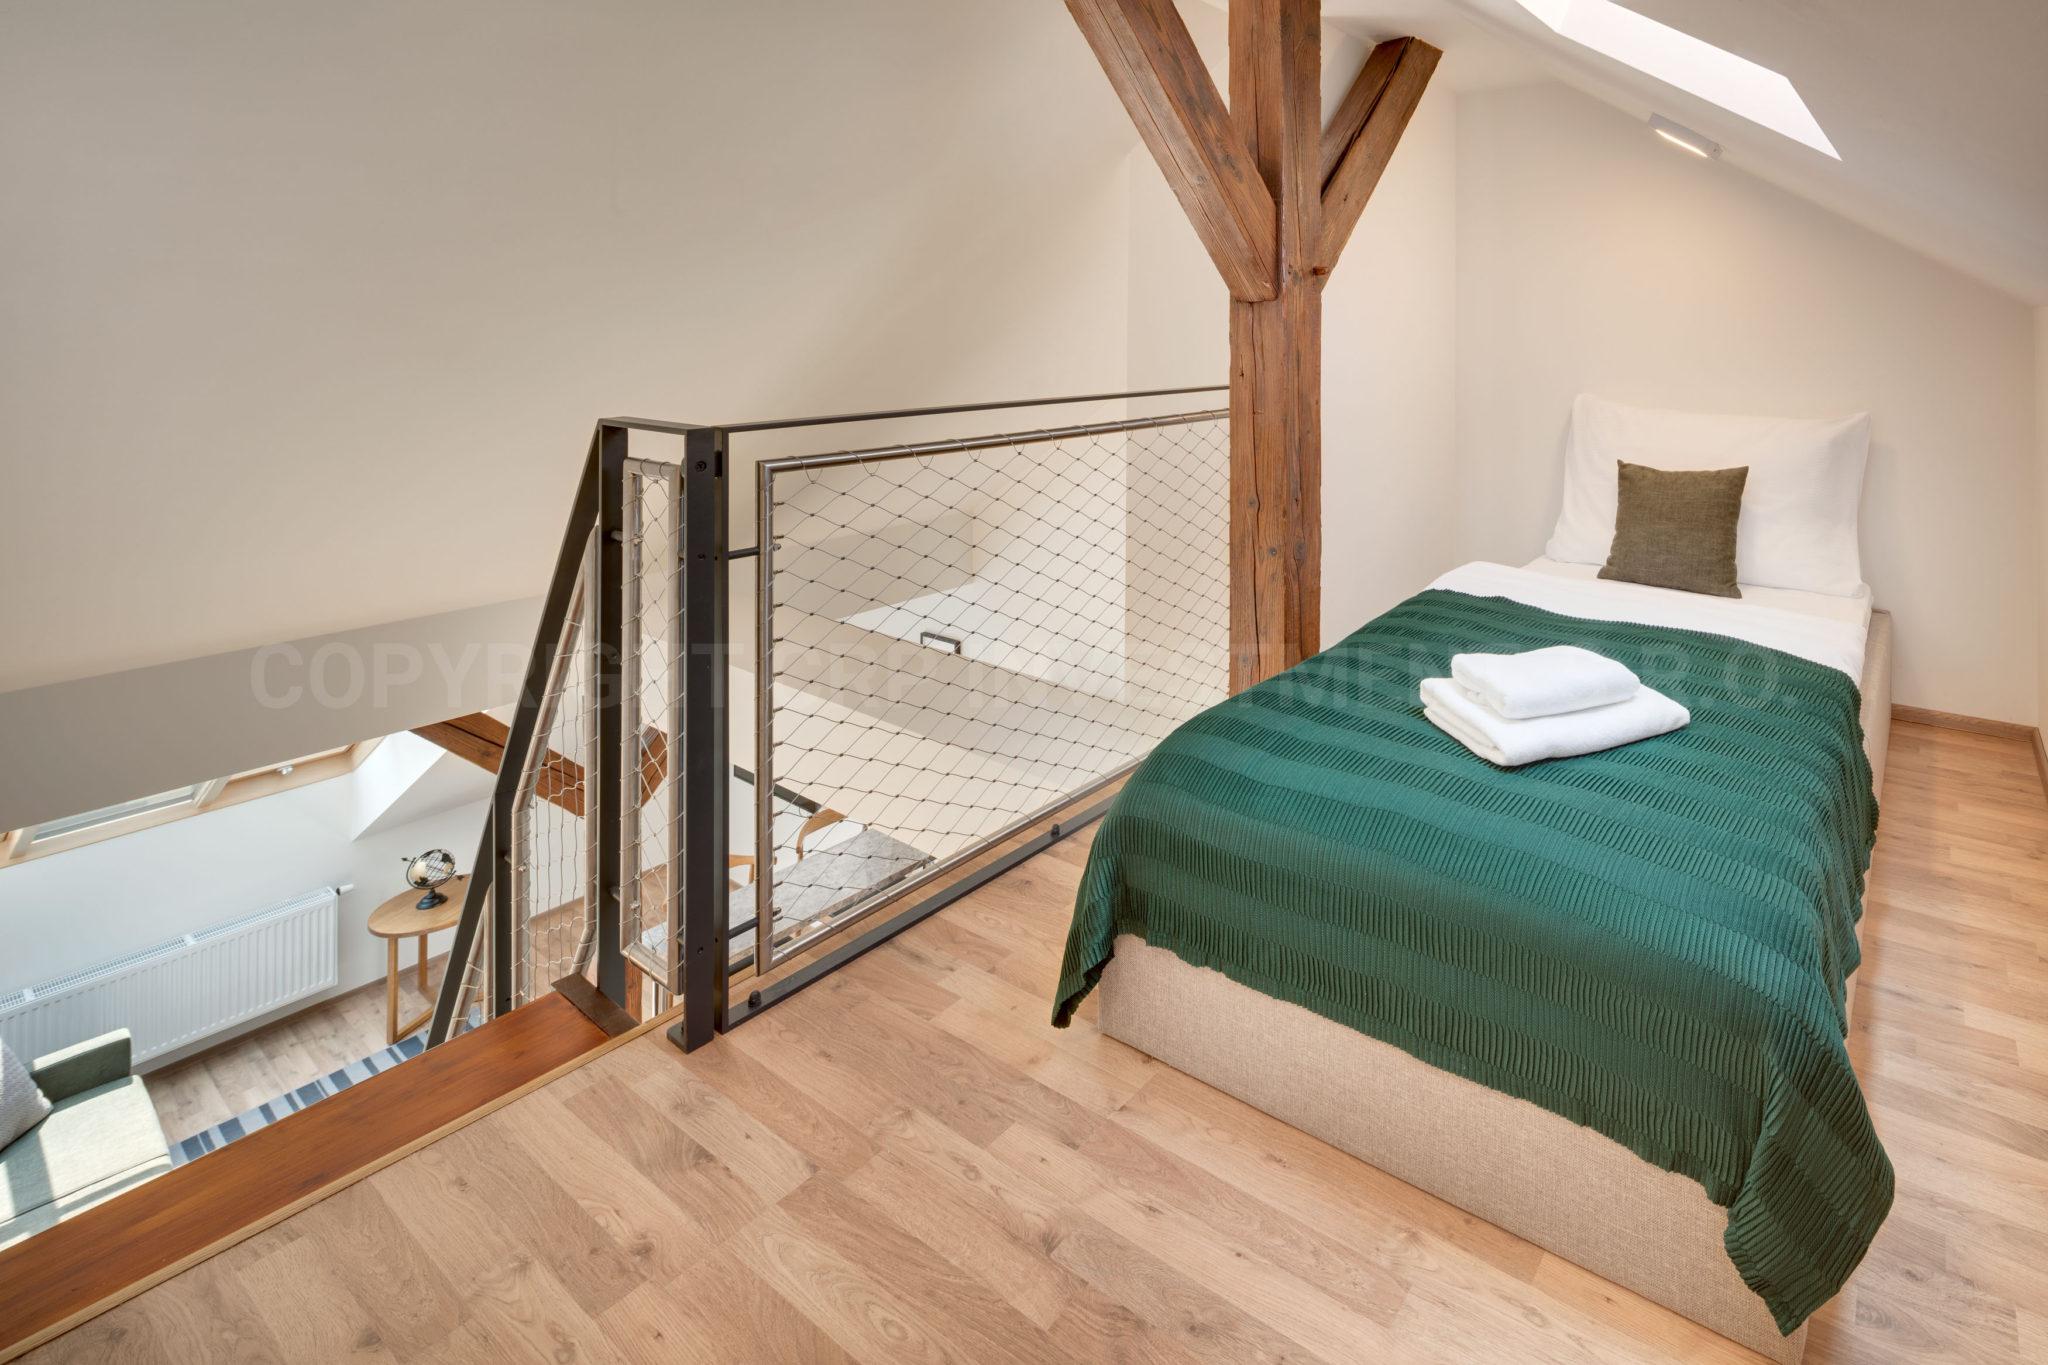 Maisonette-Wohnung zur Miete in Prag